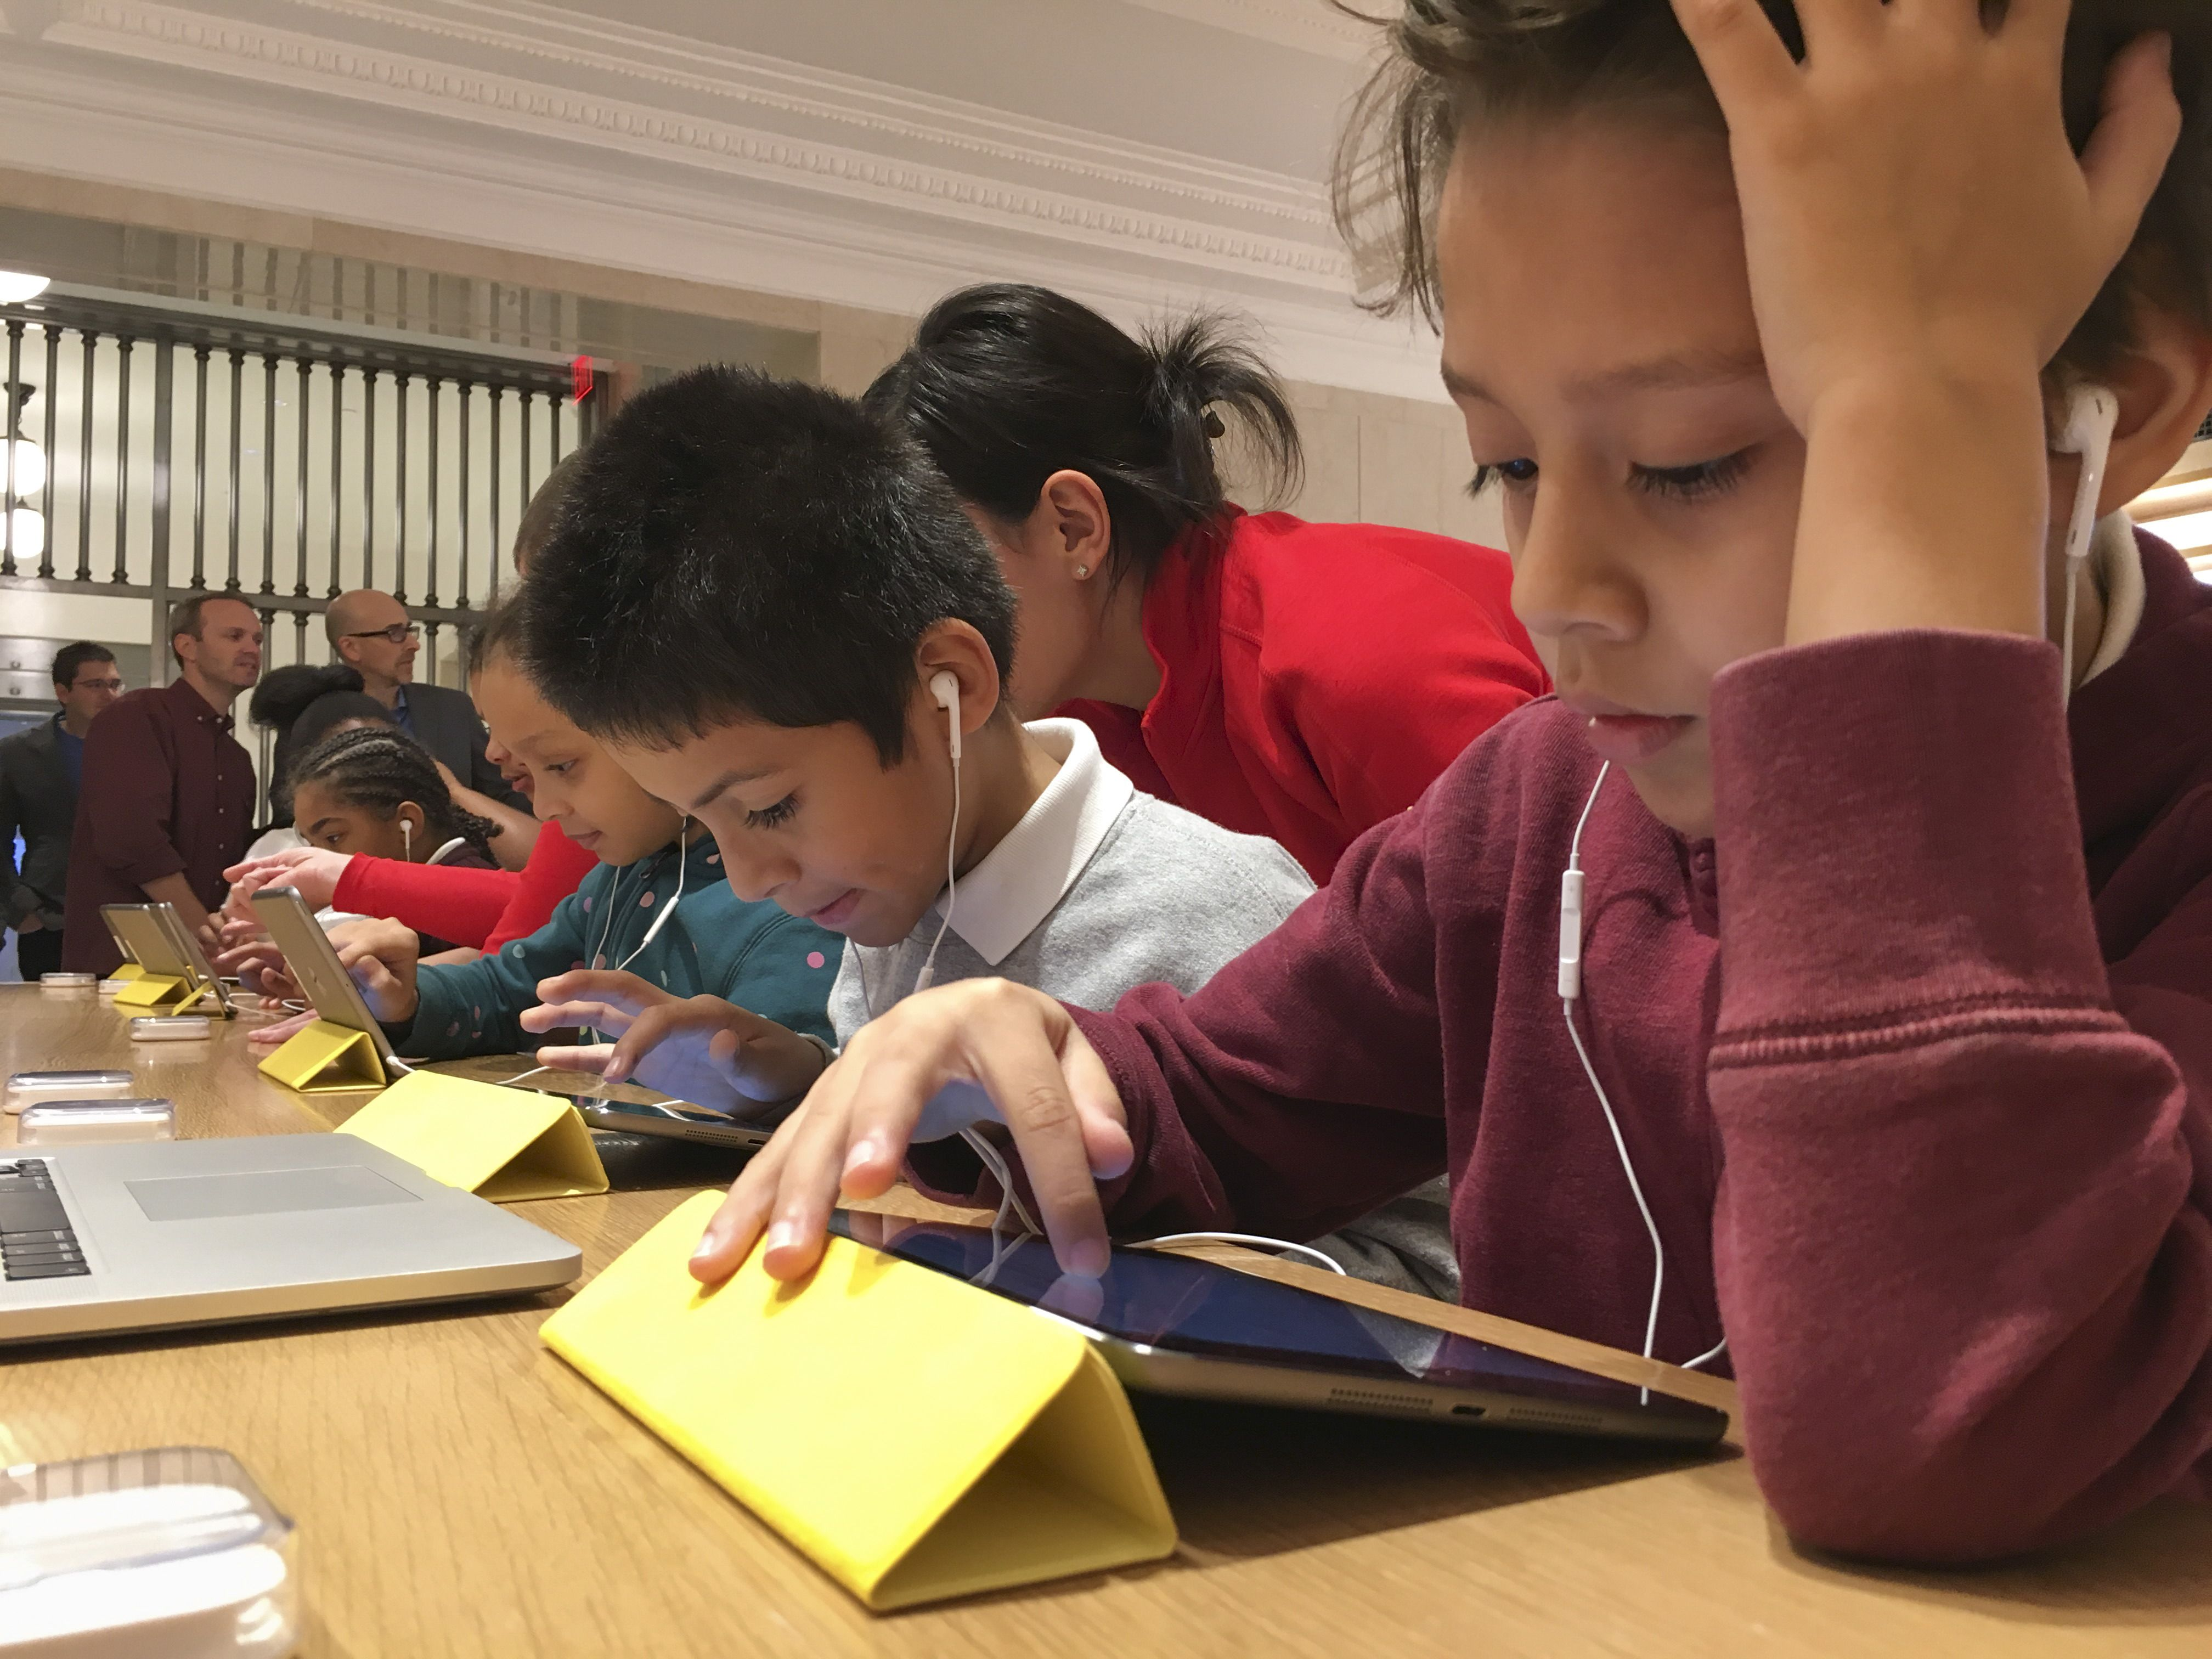 Comment différencier le pédagogisme et la pédagogie